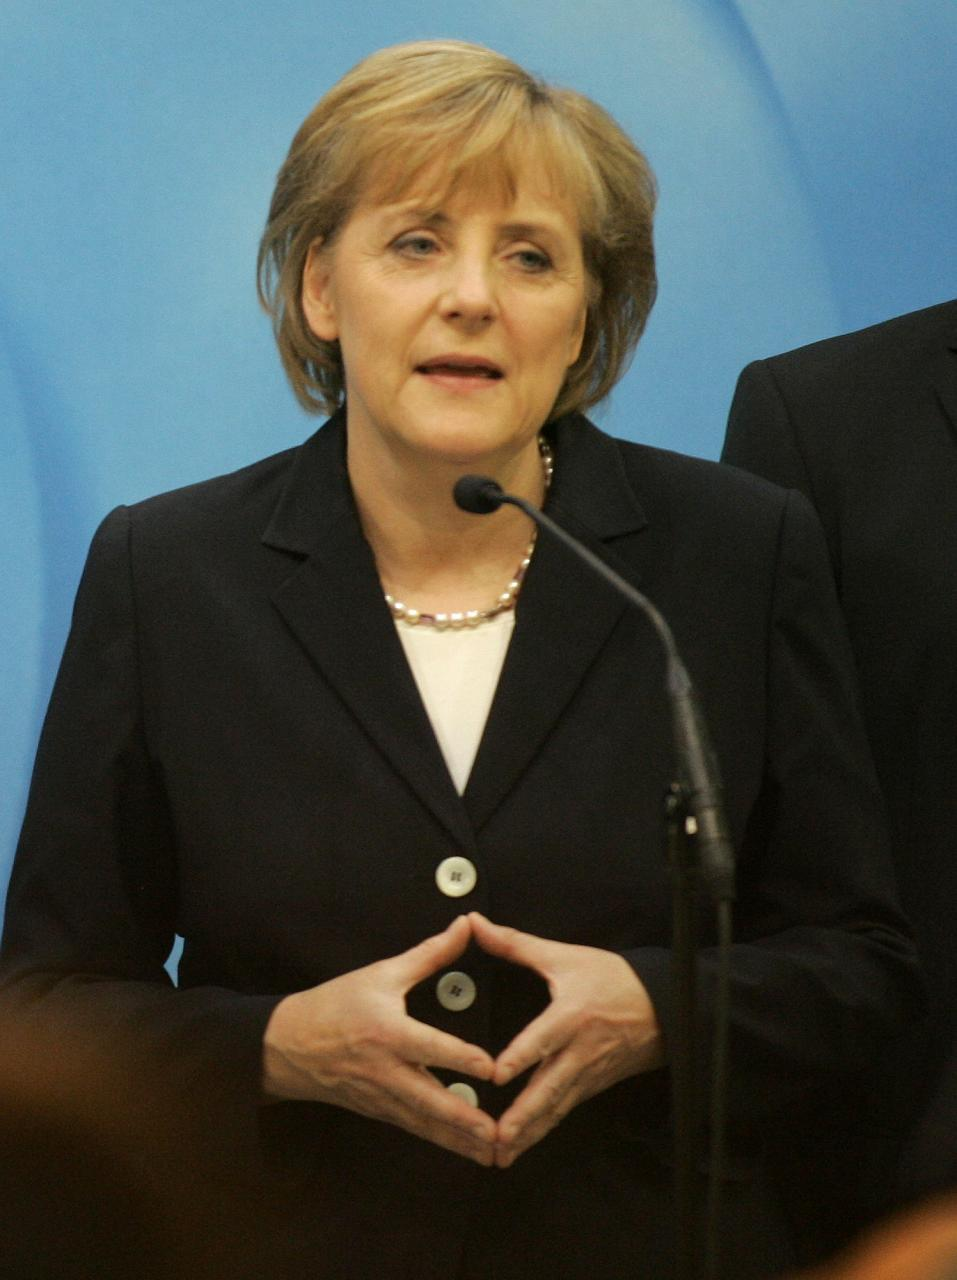 Kohlovo dievča končí. Politická kariéra Angely Merkelovej na fotografiách